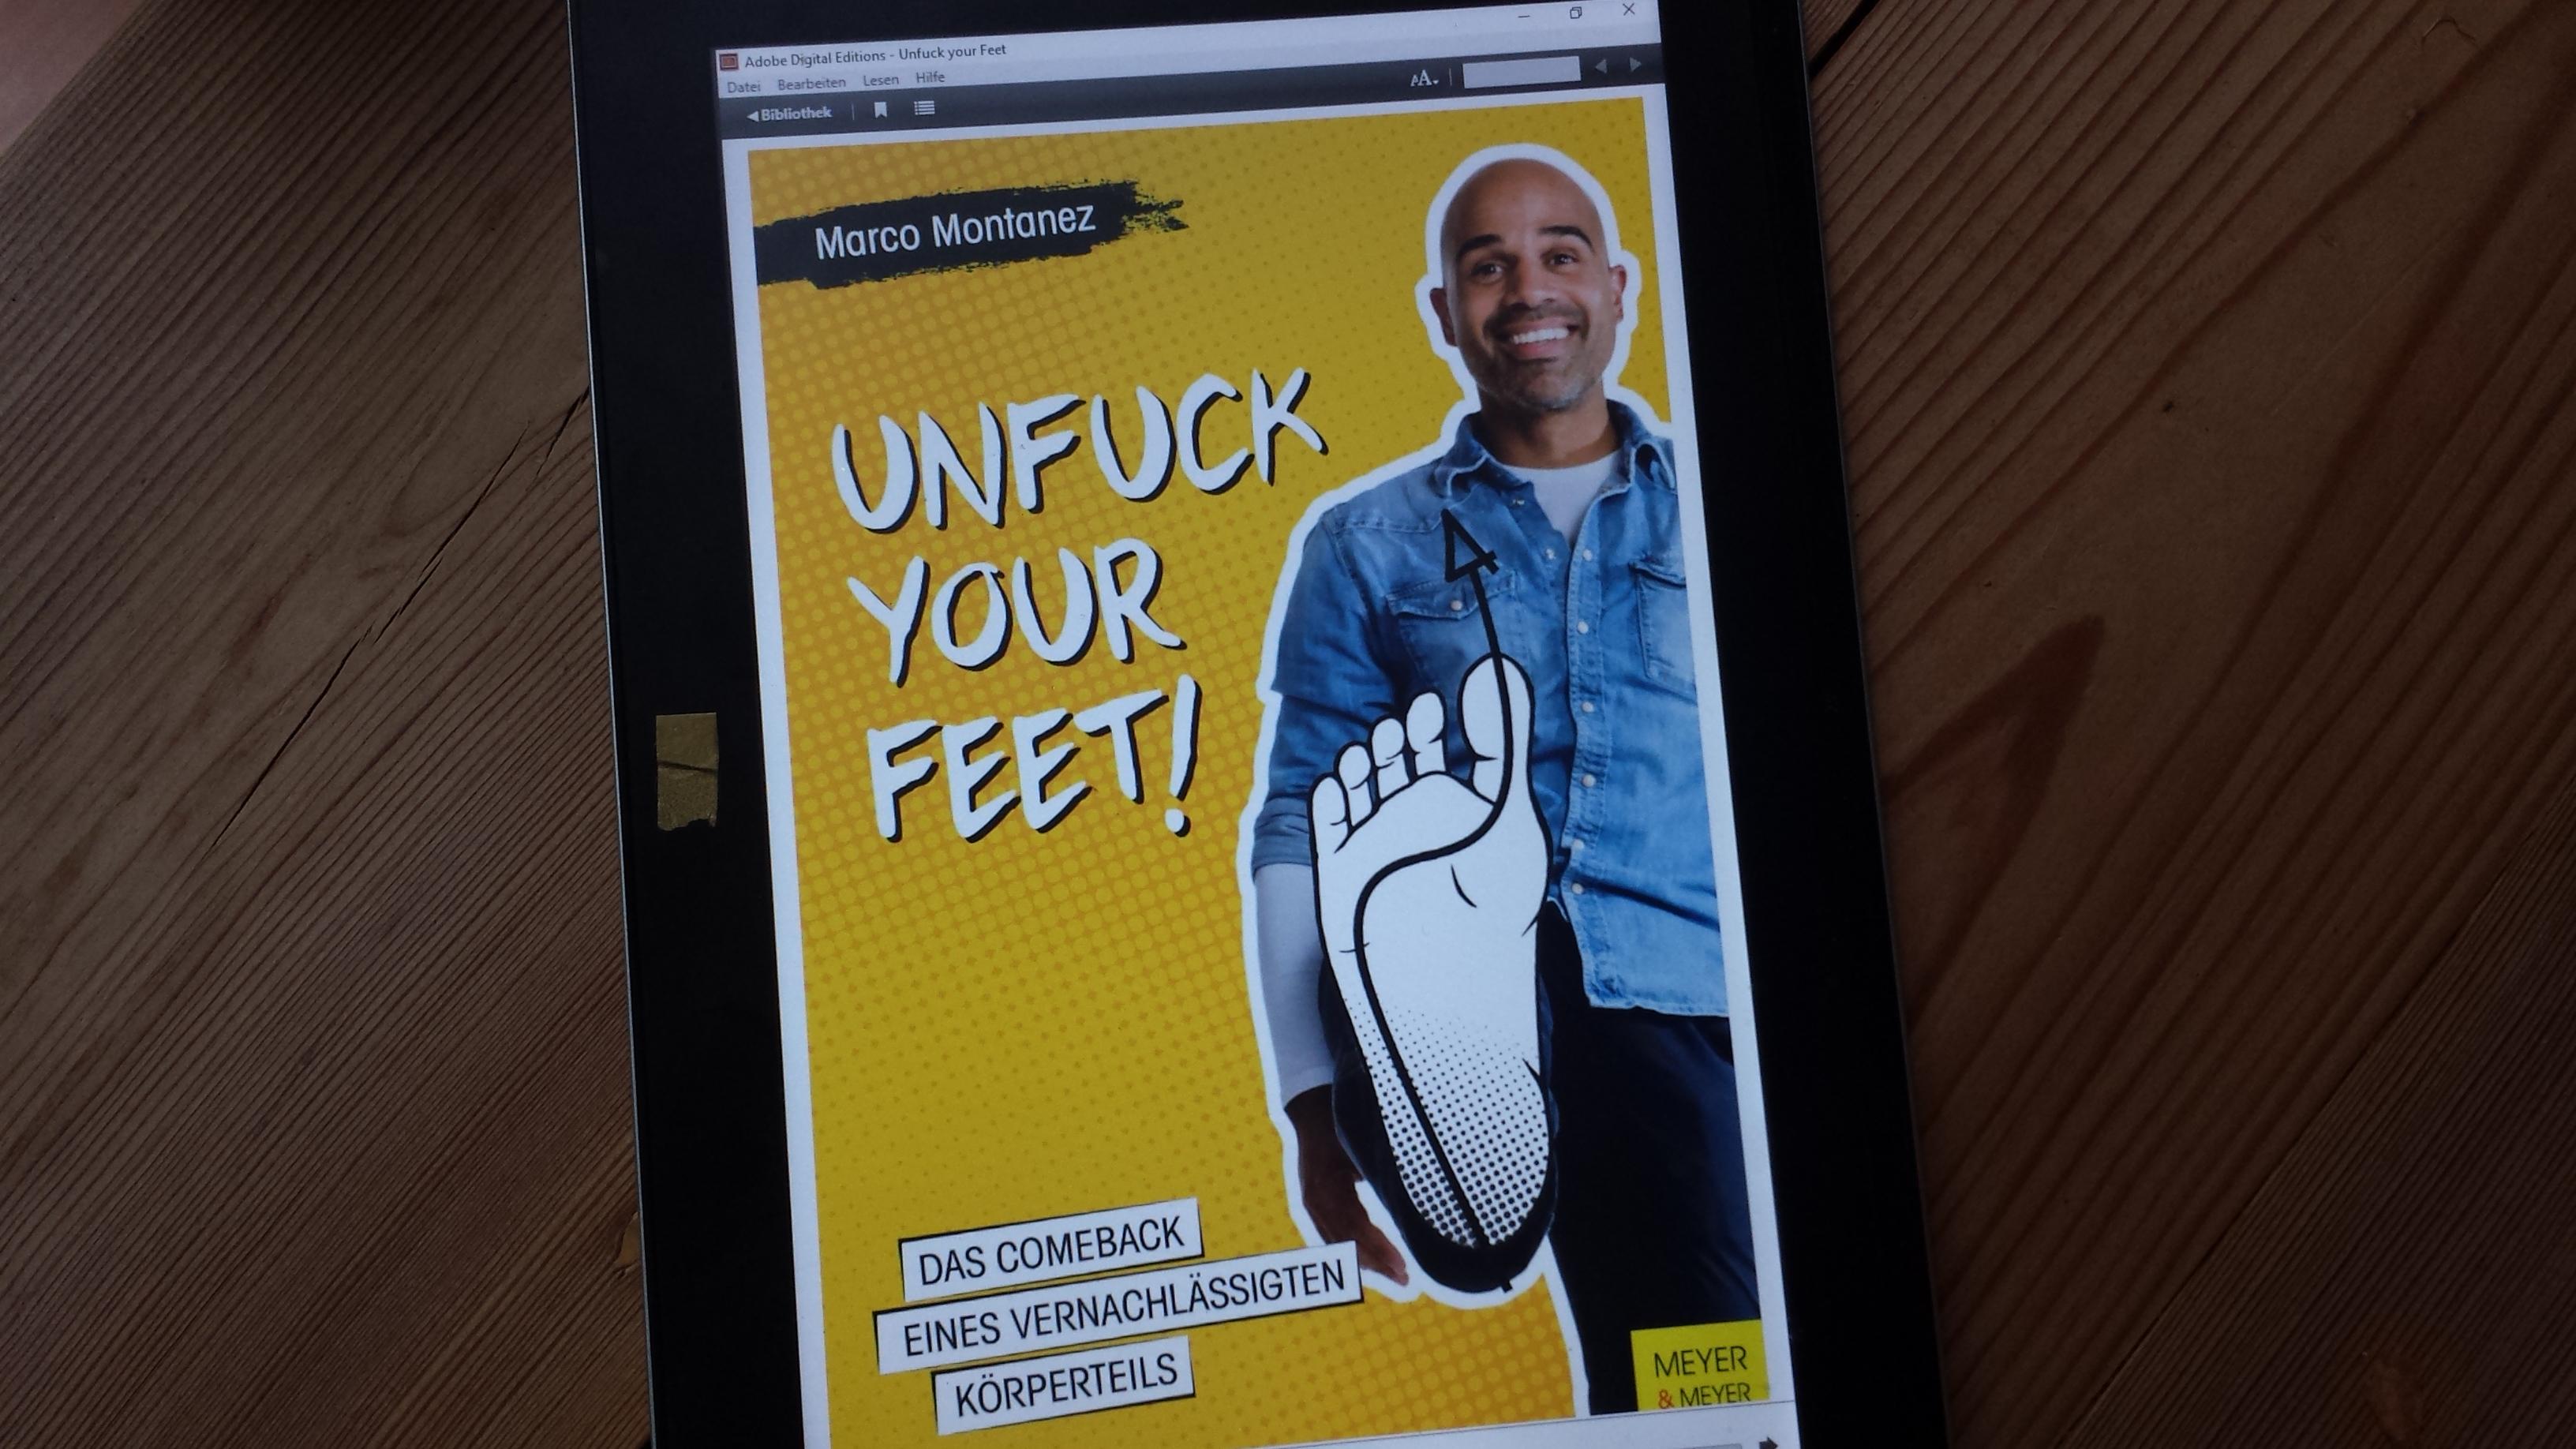 Buchcover mit Füße